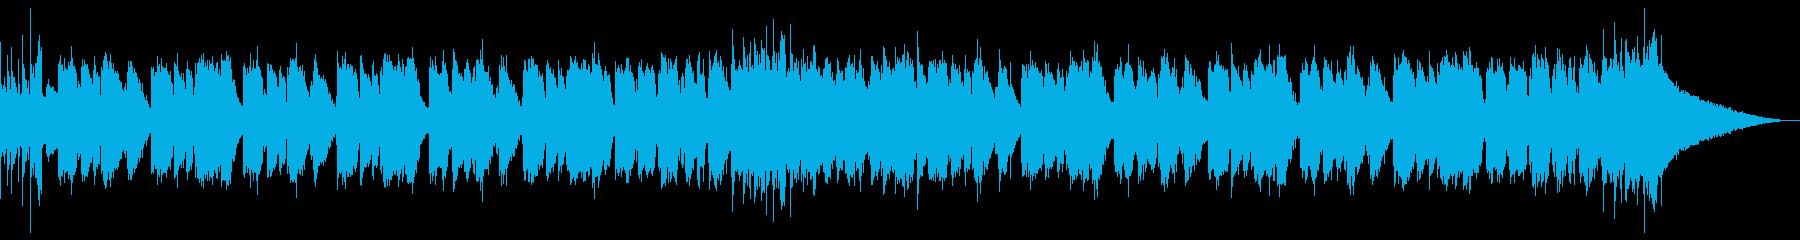 わくわくする夏の映像にぴったりなレゲエの再生済みの波形